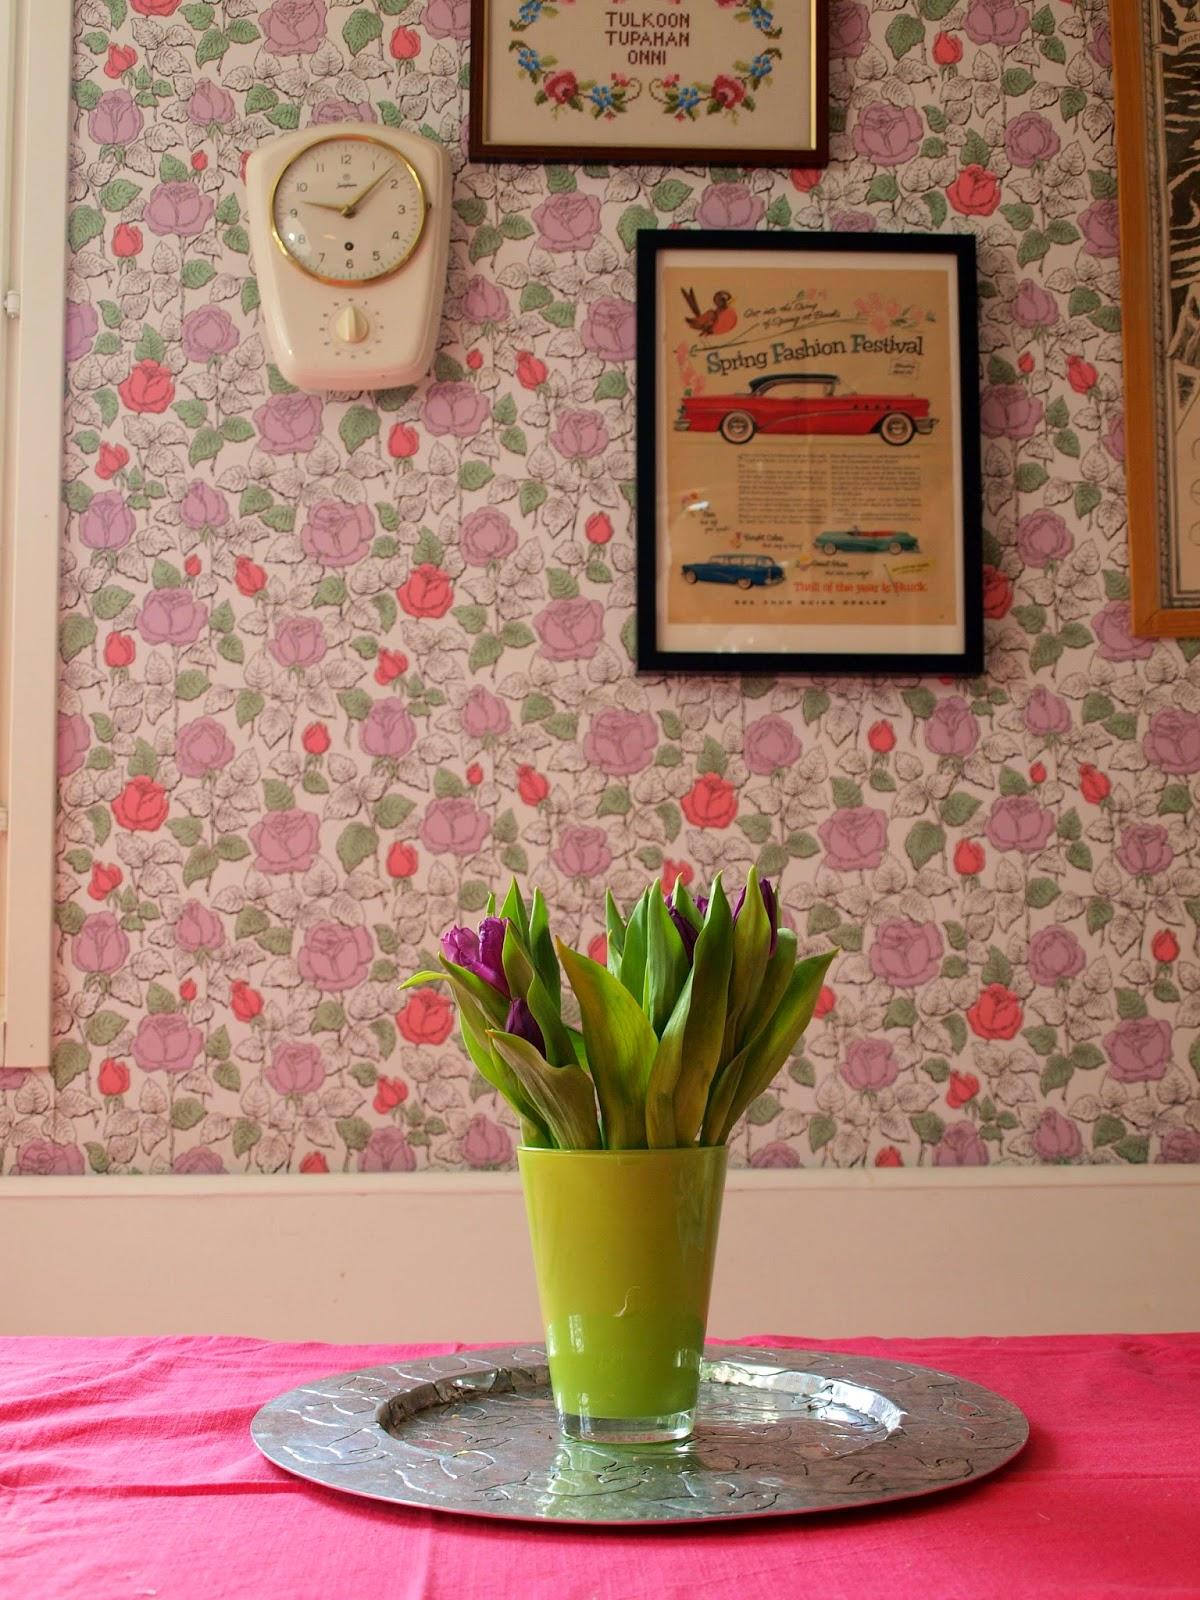 vintage fifities kitchen pihlgren ritola tapettitalo Kihlaruusu